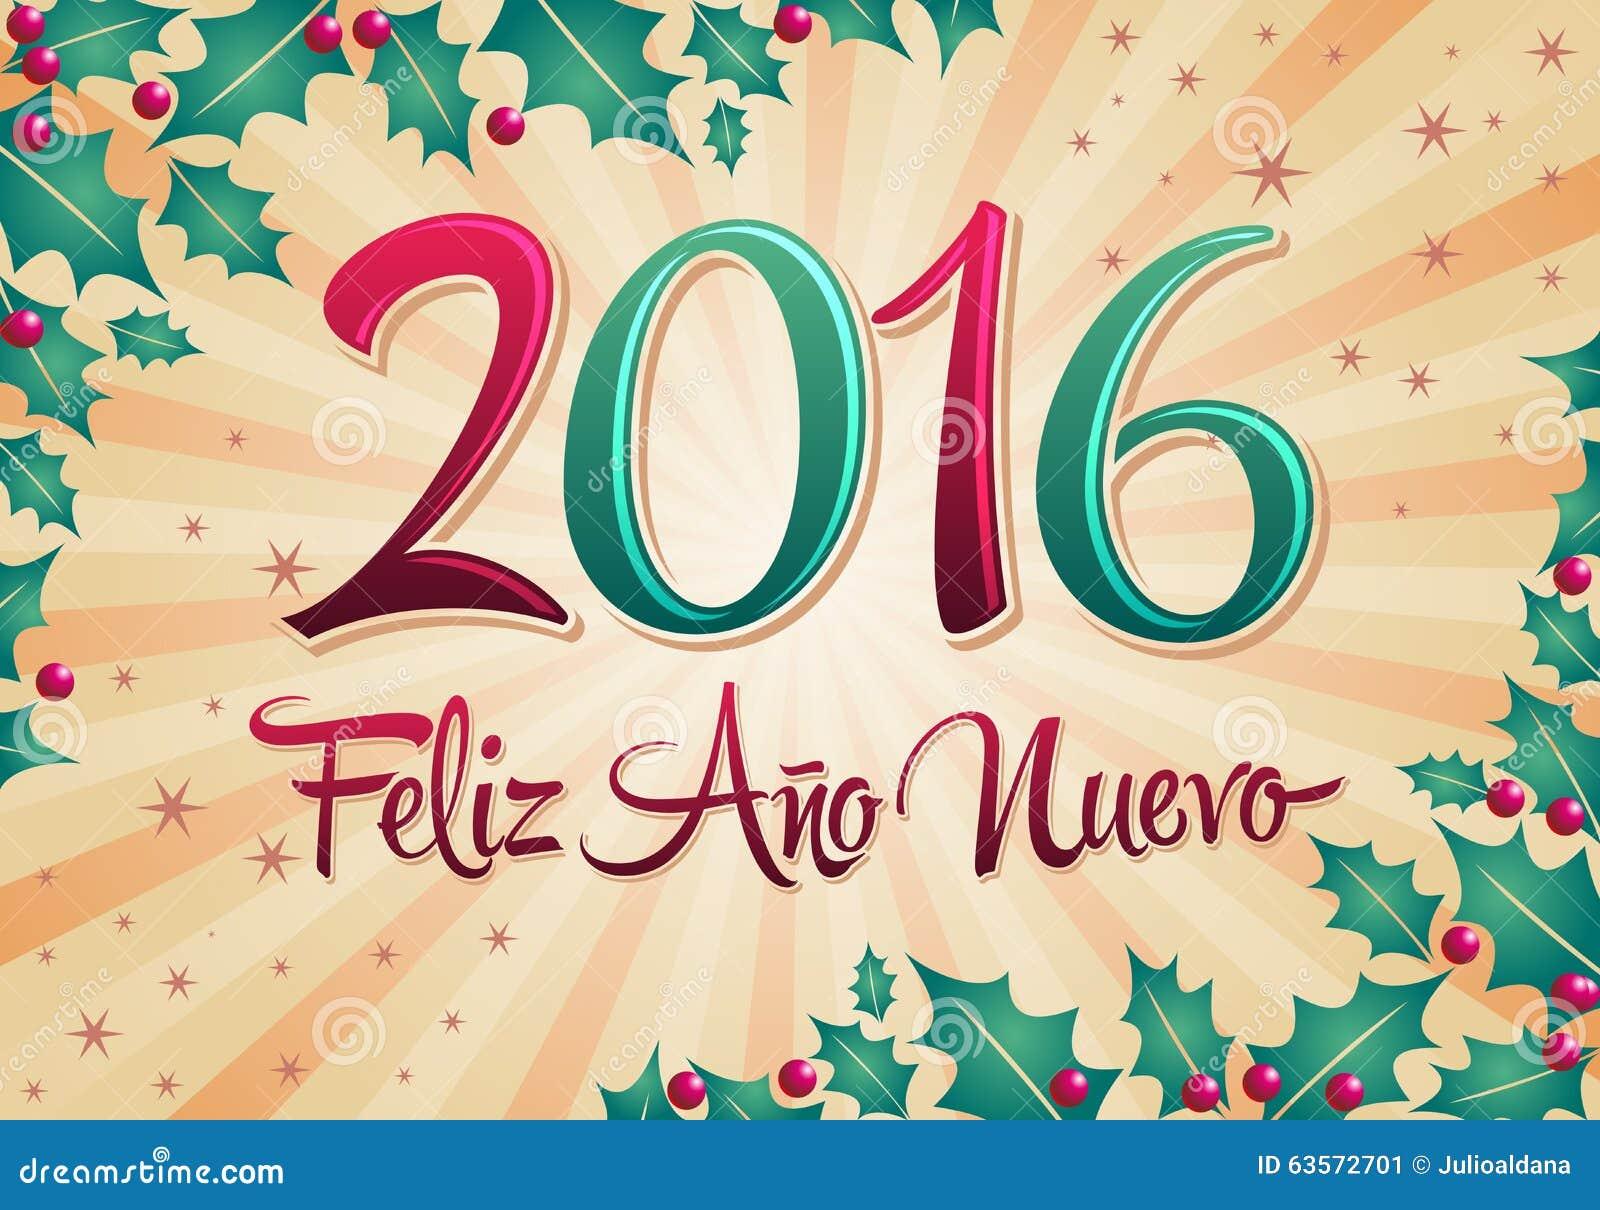 2016 Feliz Ano Nuevo - Happy New Year Spanish Text Stock Vector ...